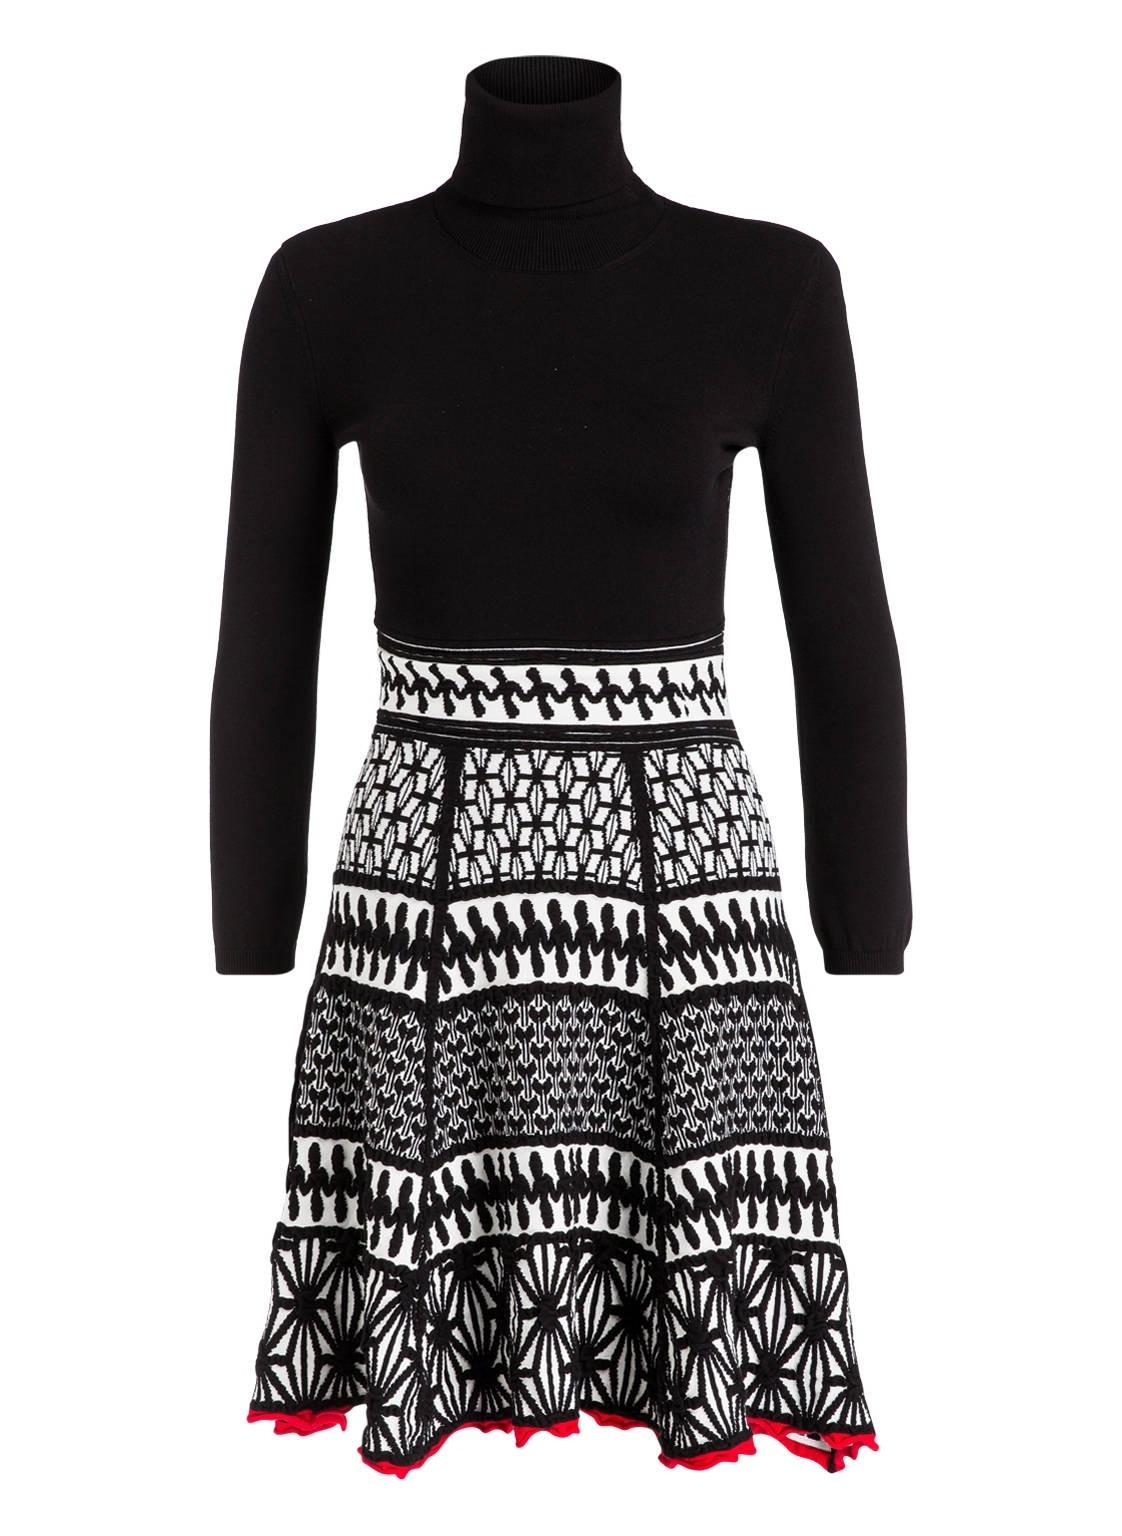 Abend Schön Online Kleider Vertrieb15 Kreativ Online Kleider Boutique